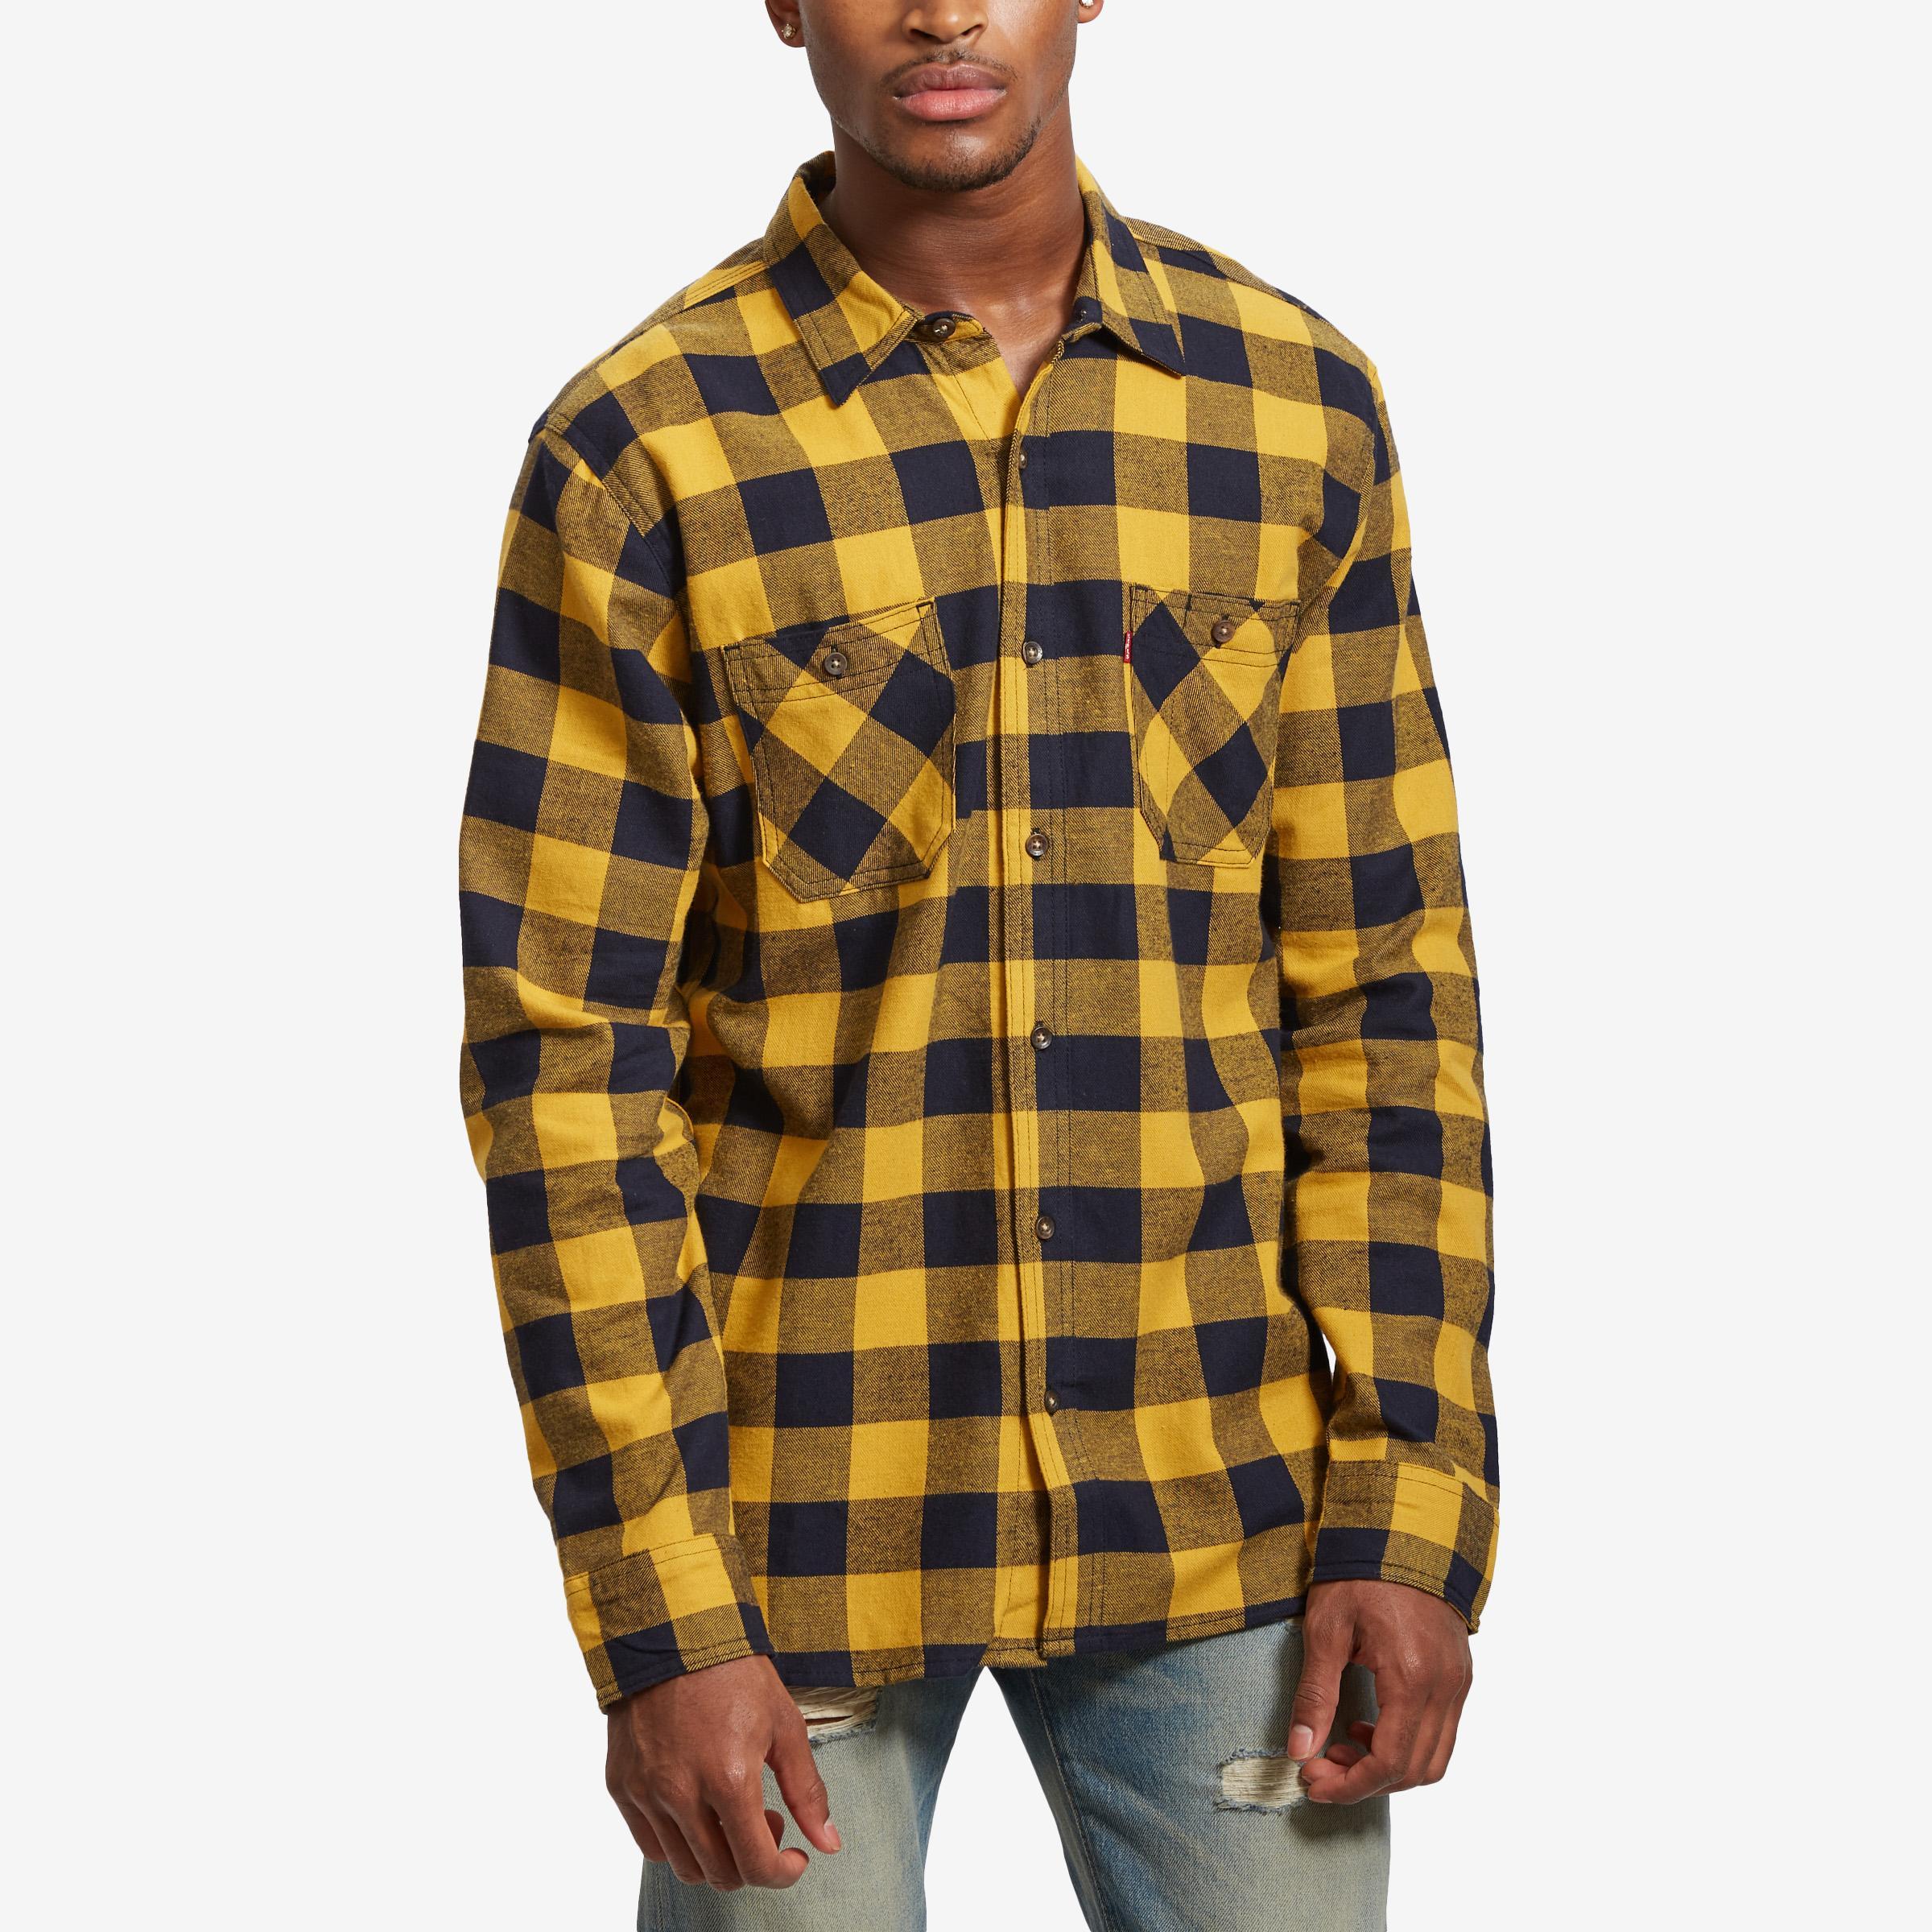 Yanda Flannel Shirt